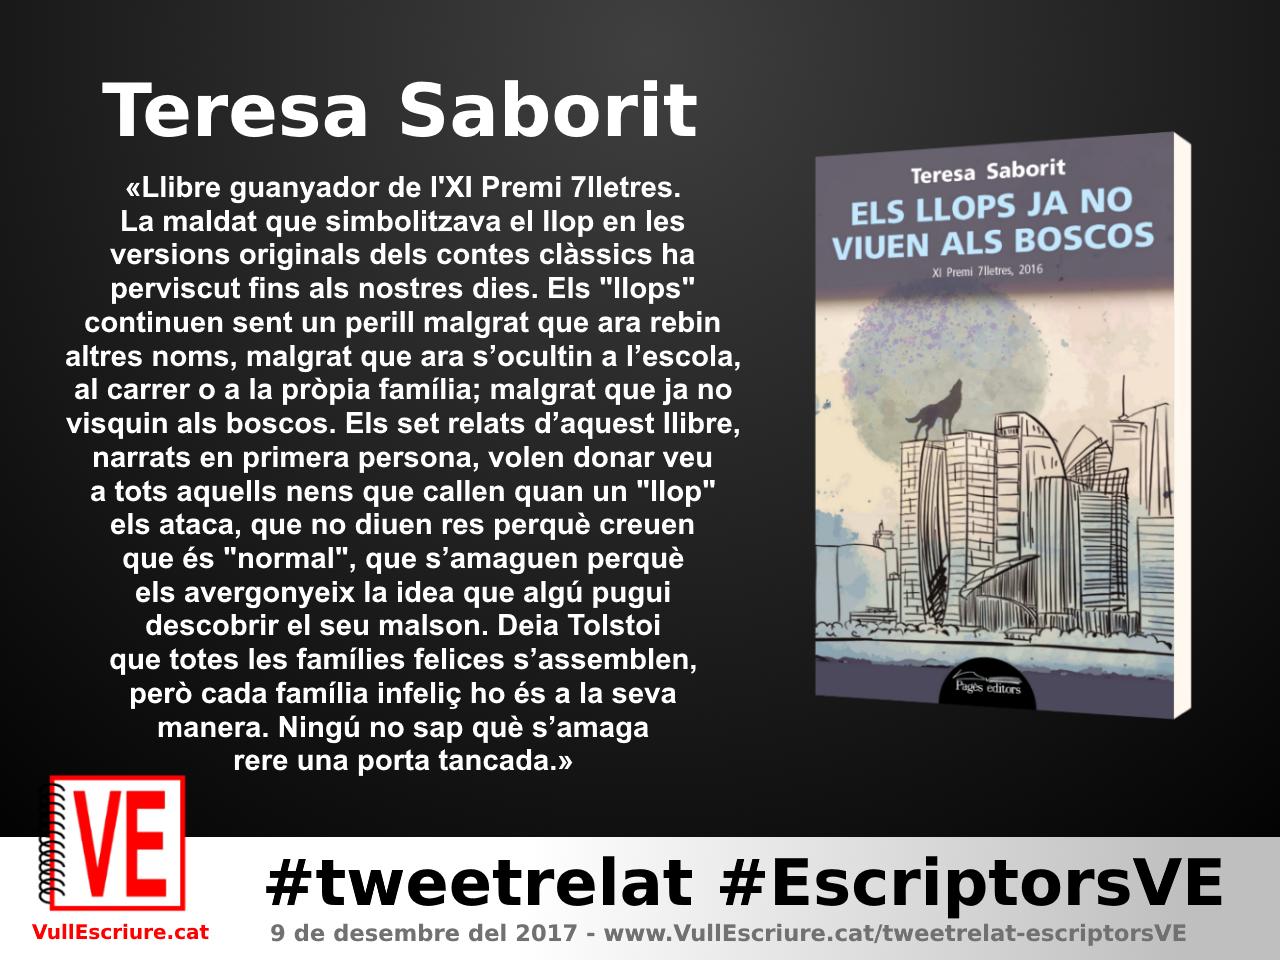 VullEscriure - Marató escriptura #tweetrelat #EscriptorsVE - Teresa Saborit - Els llops ja no viuen als boscos